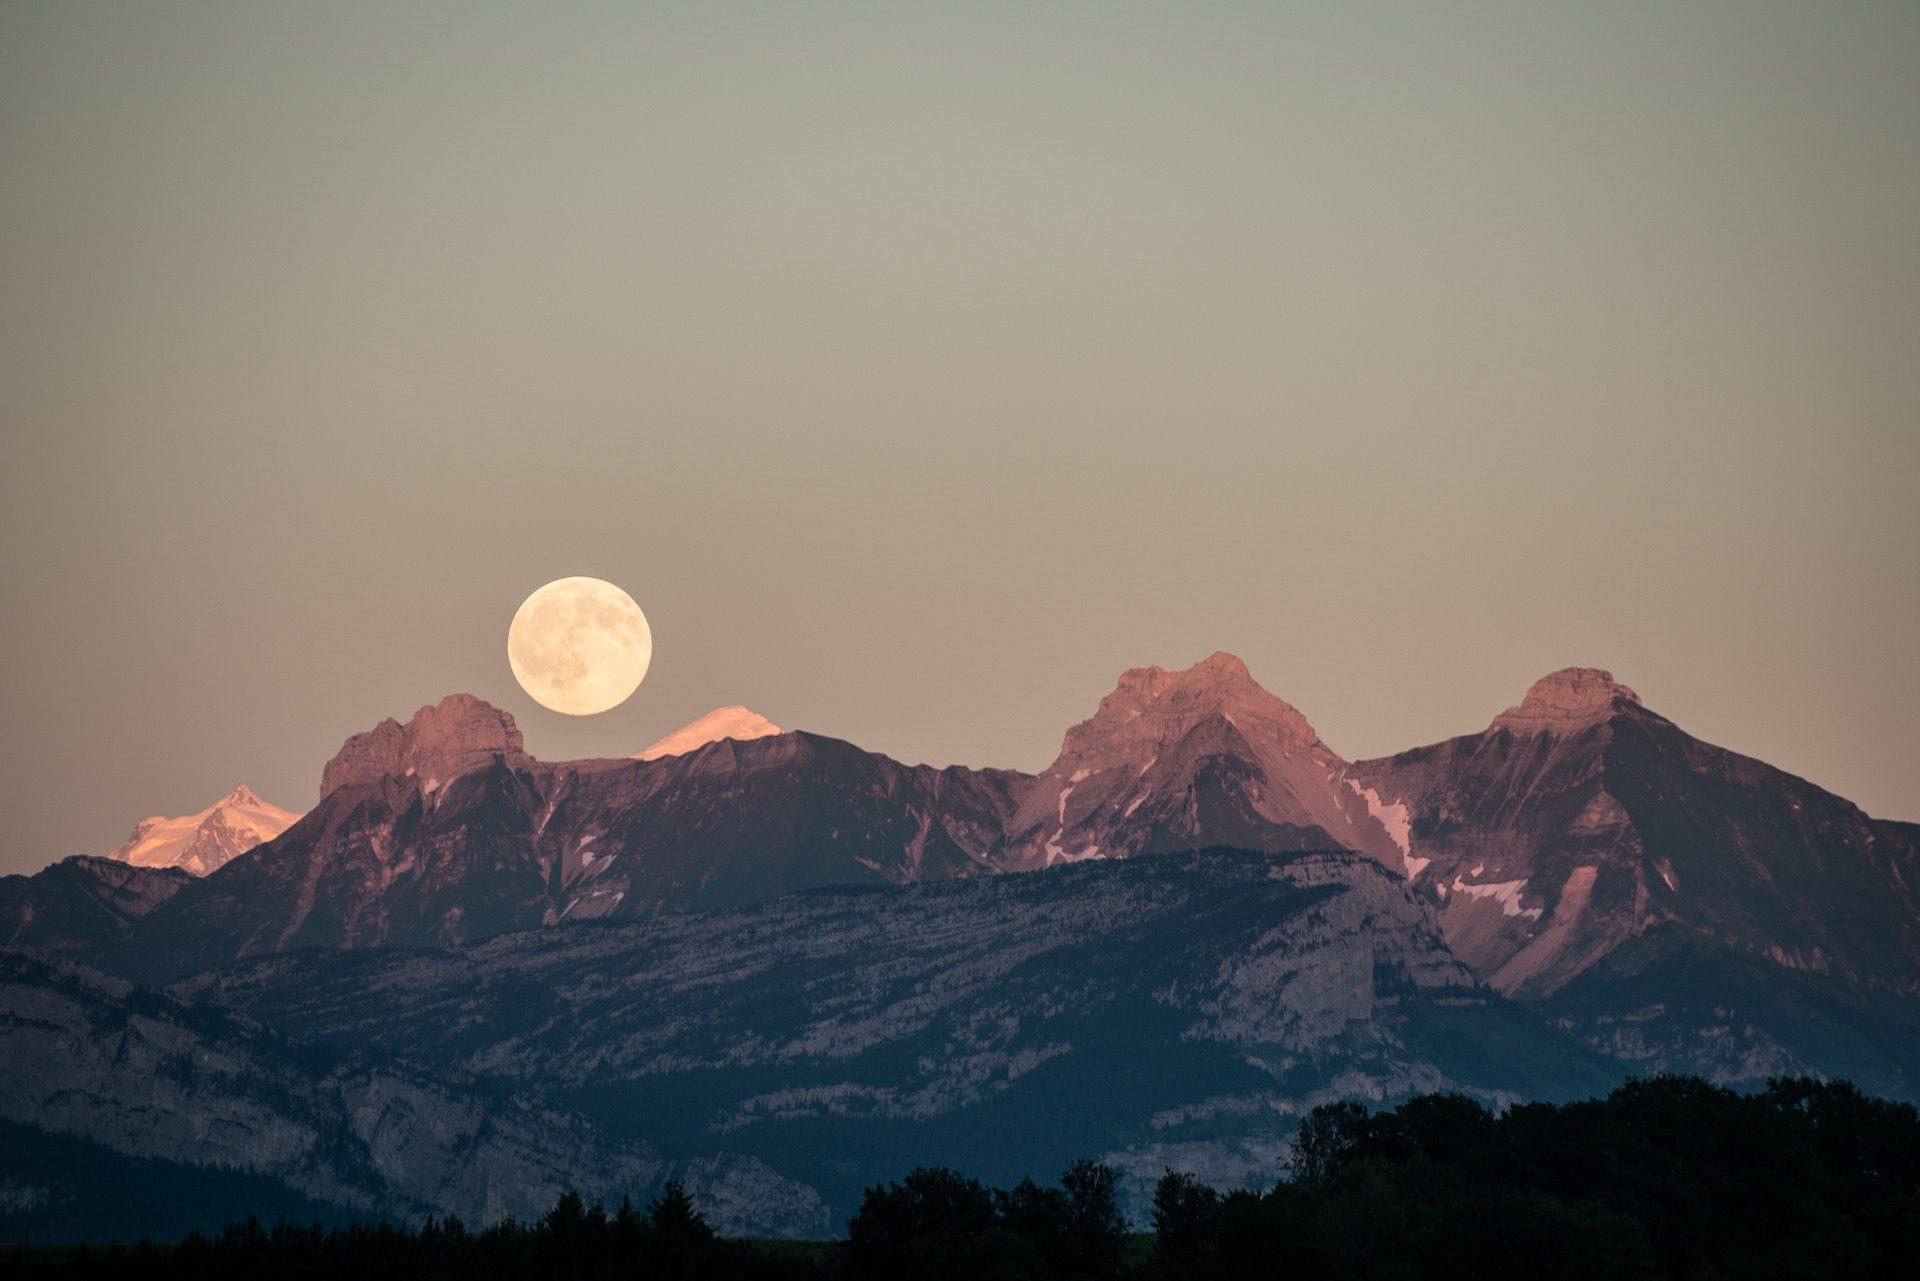 الجبال, الثلج, القمر, الأفق, السماء - خلفيات عالية الدقة - أستاذ falken.com